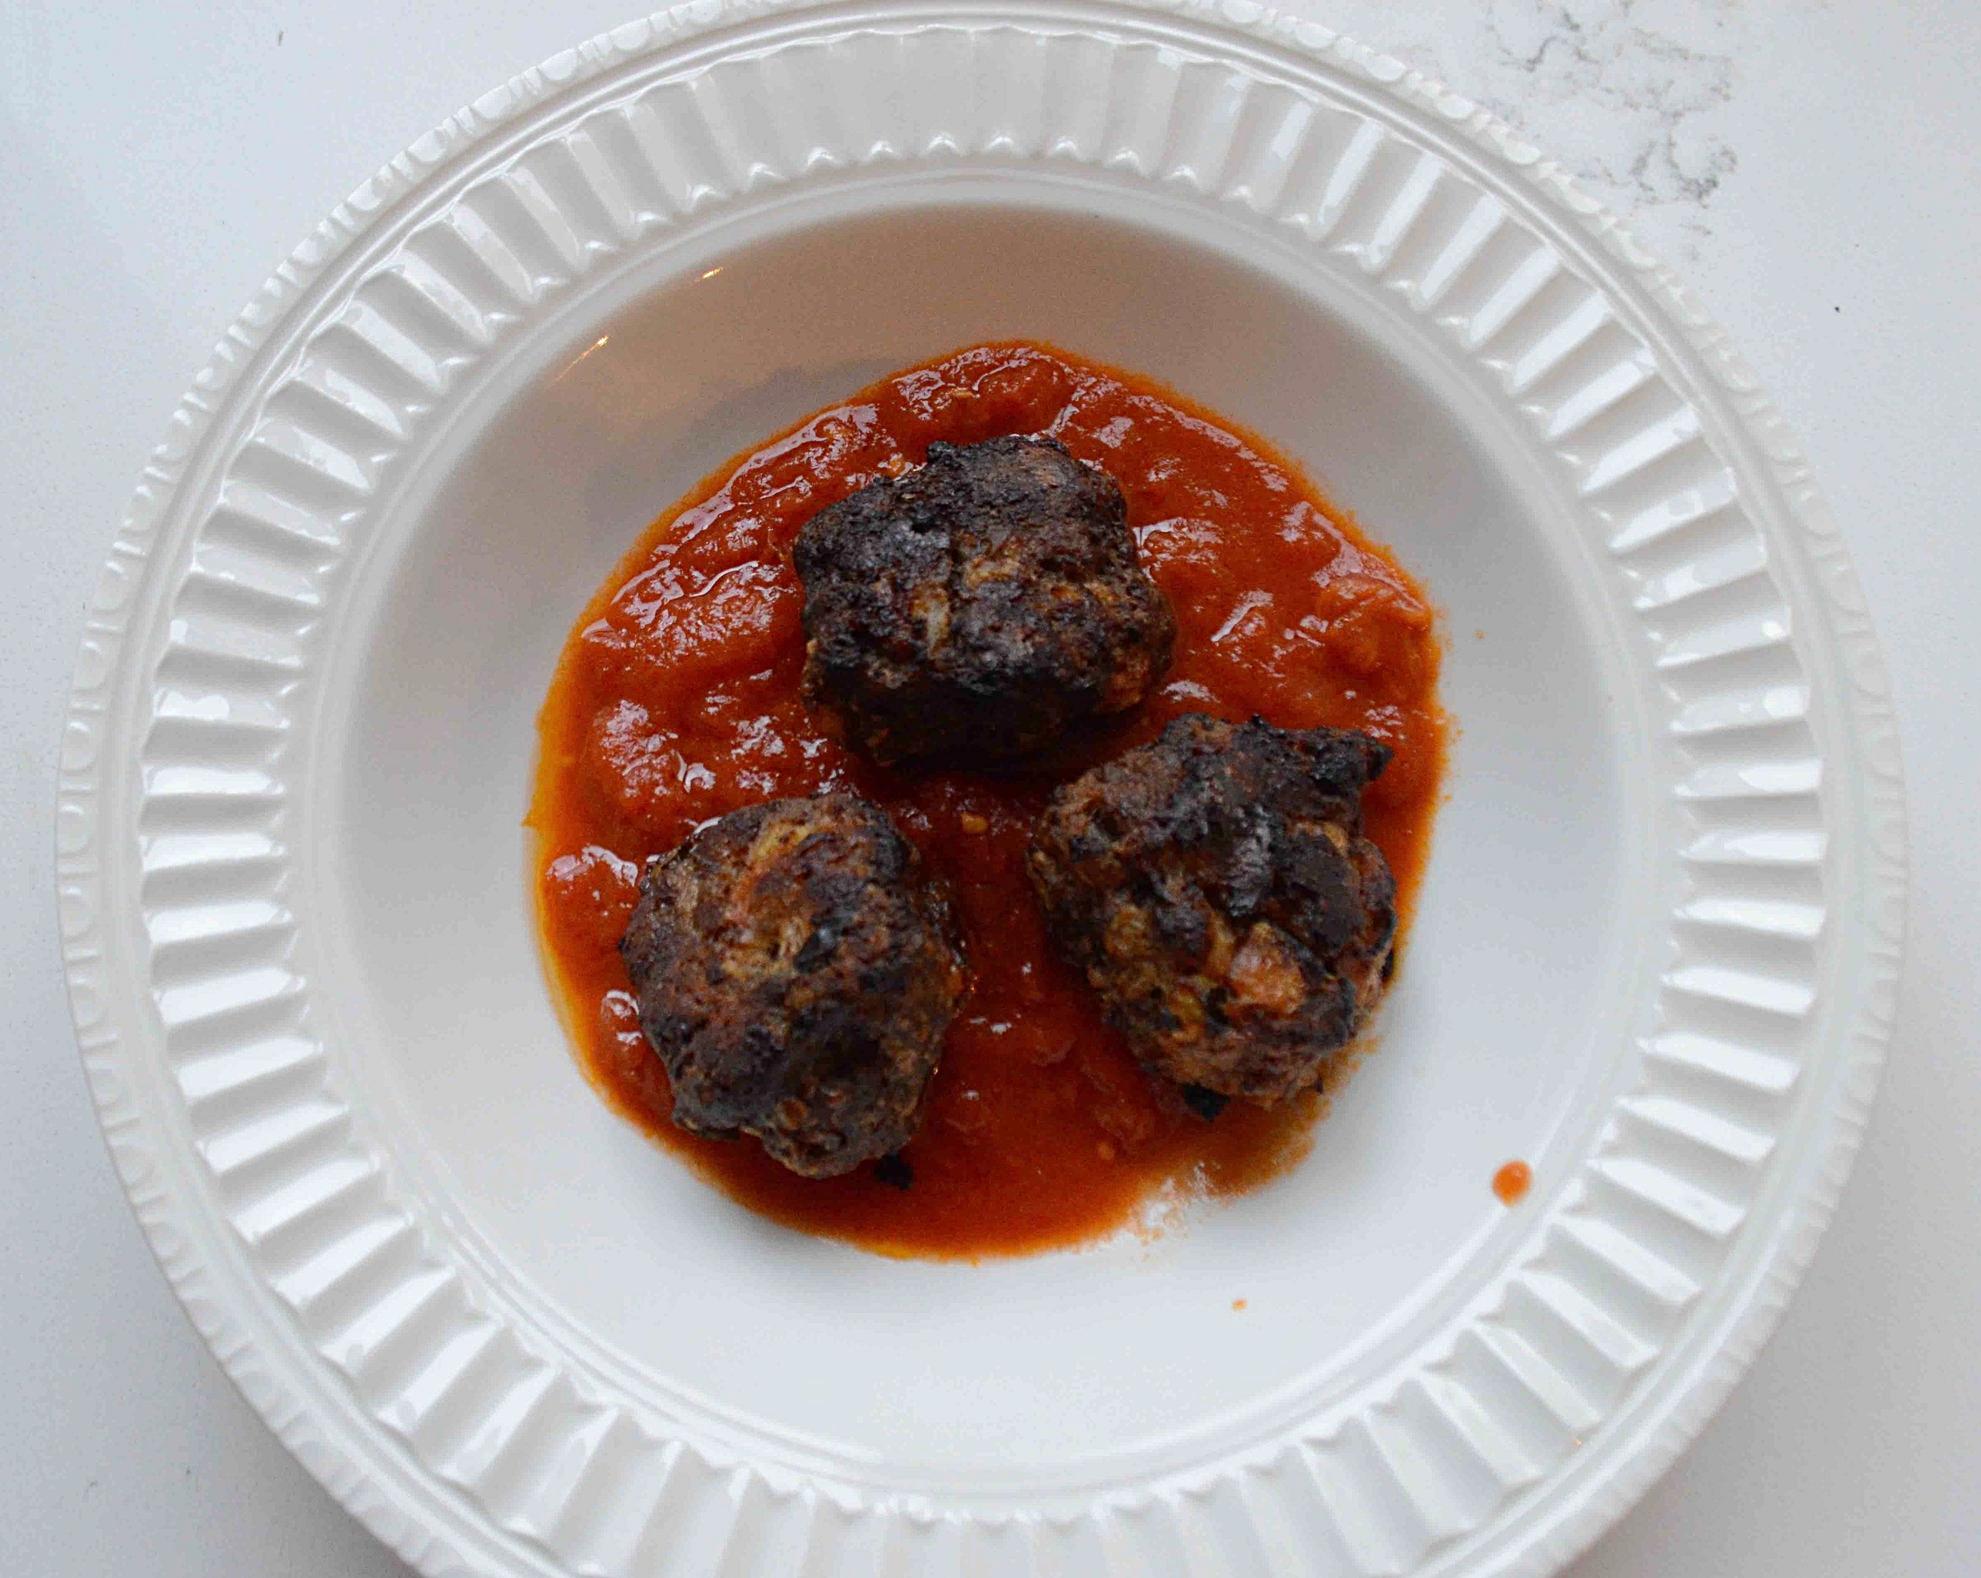 Tomato Zucchini Meatballs